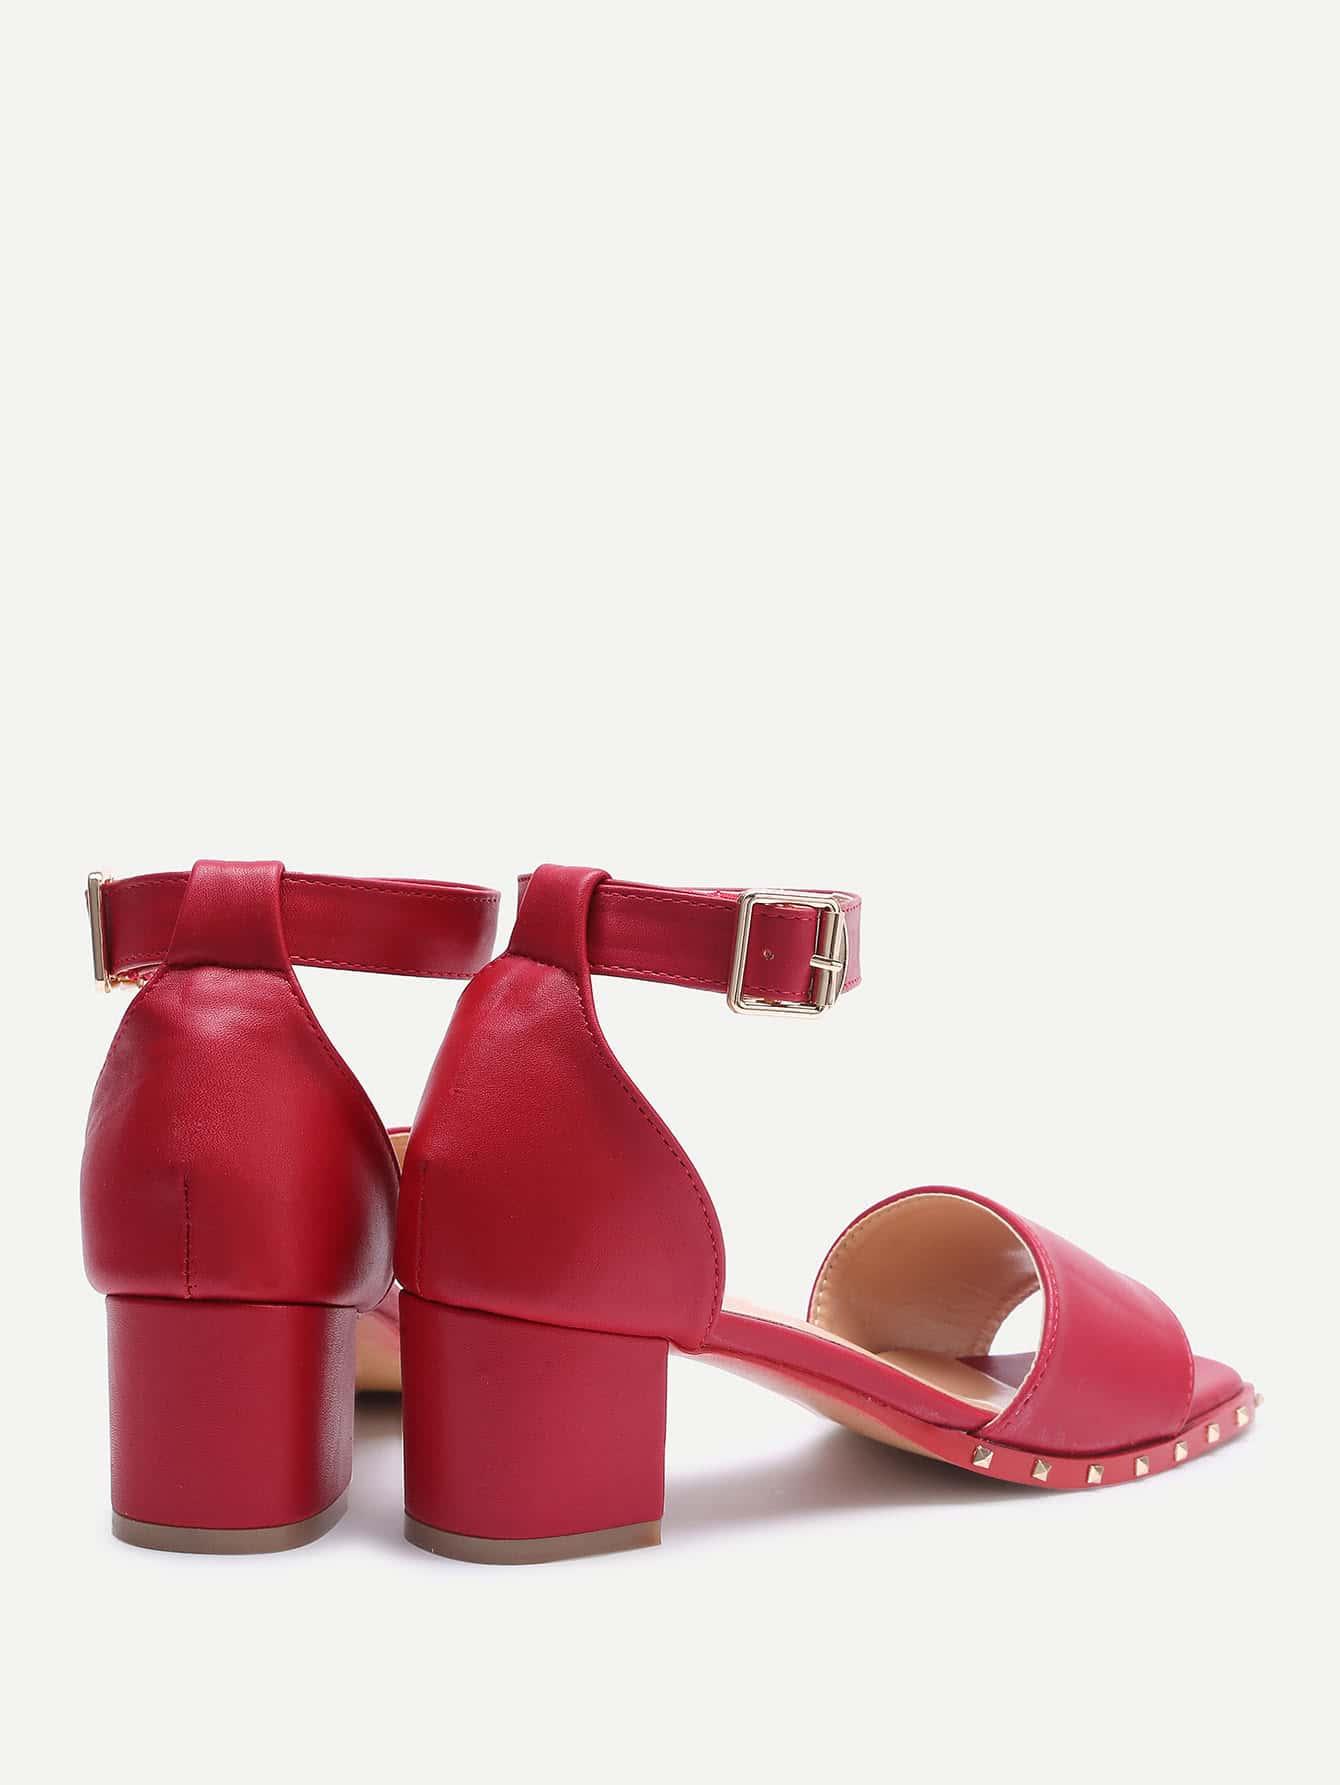 shoes170529808_2